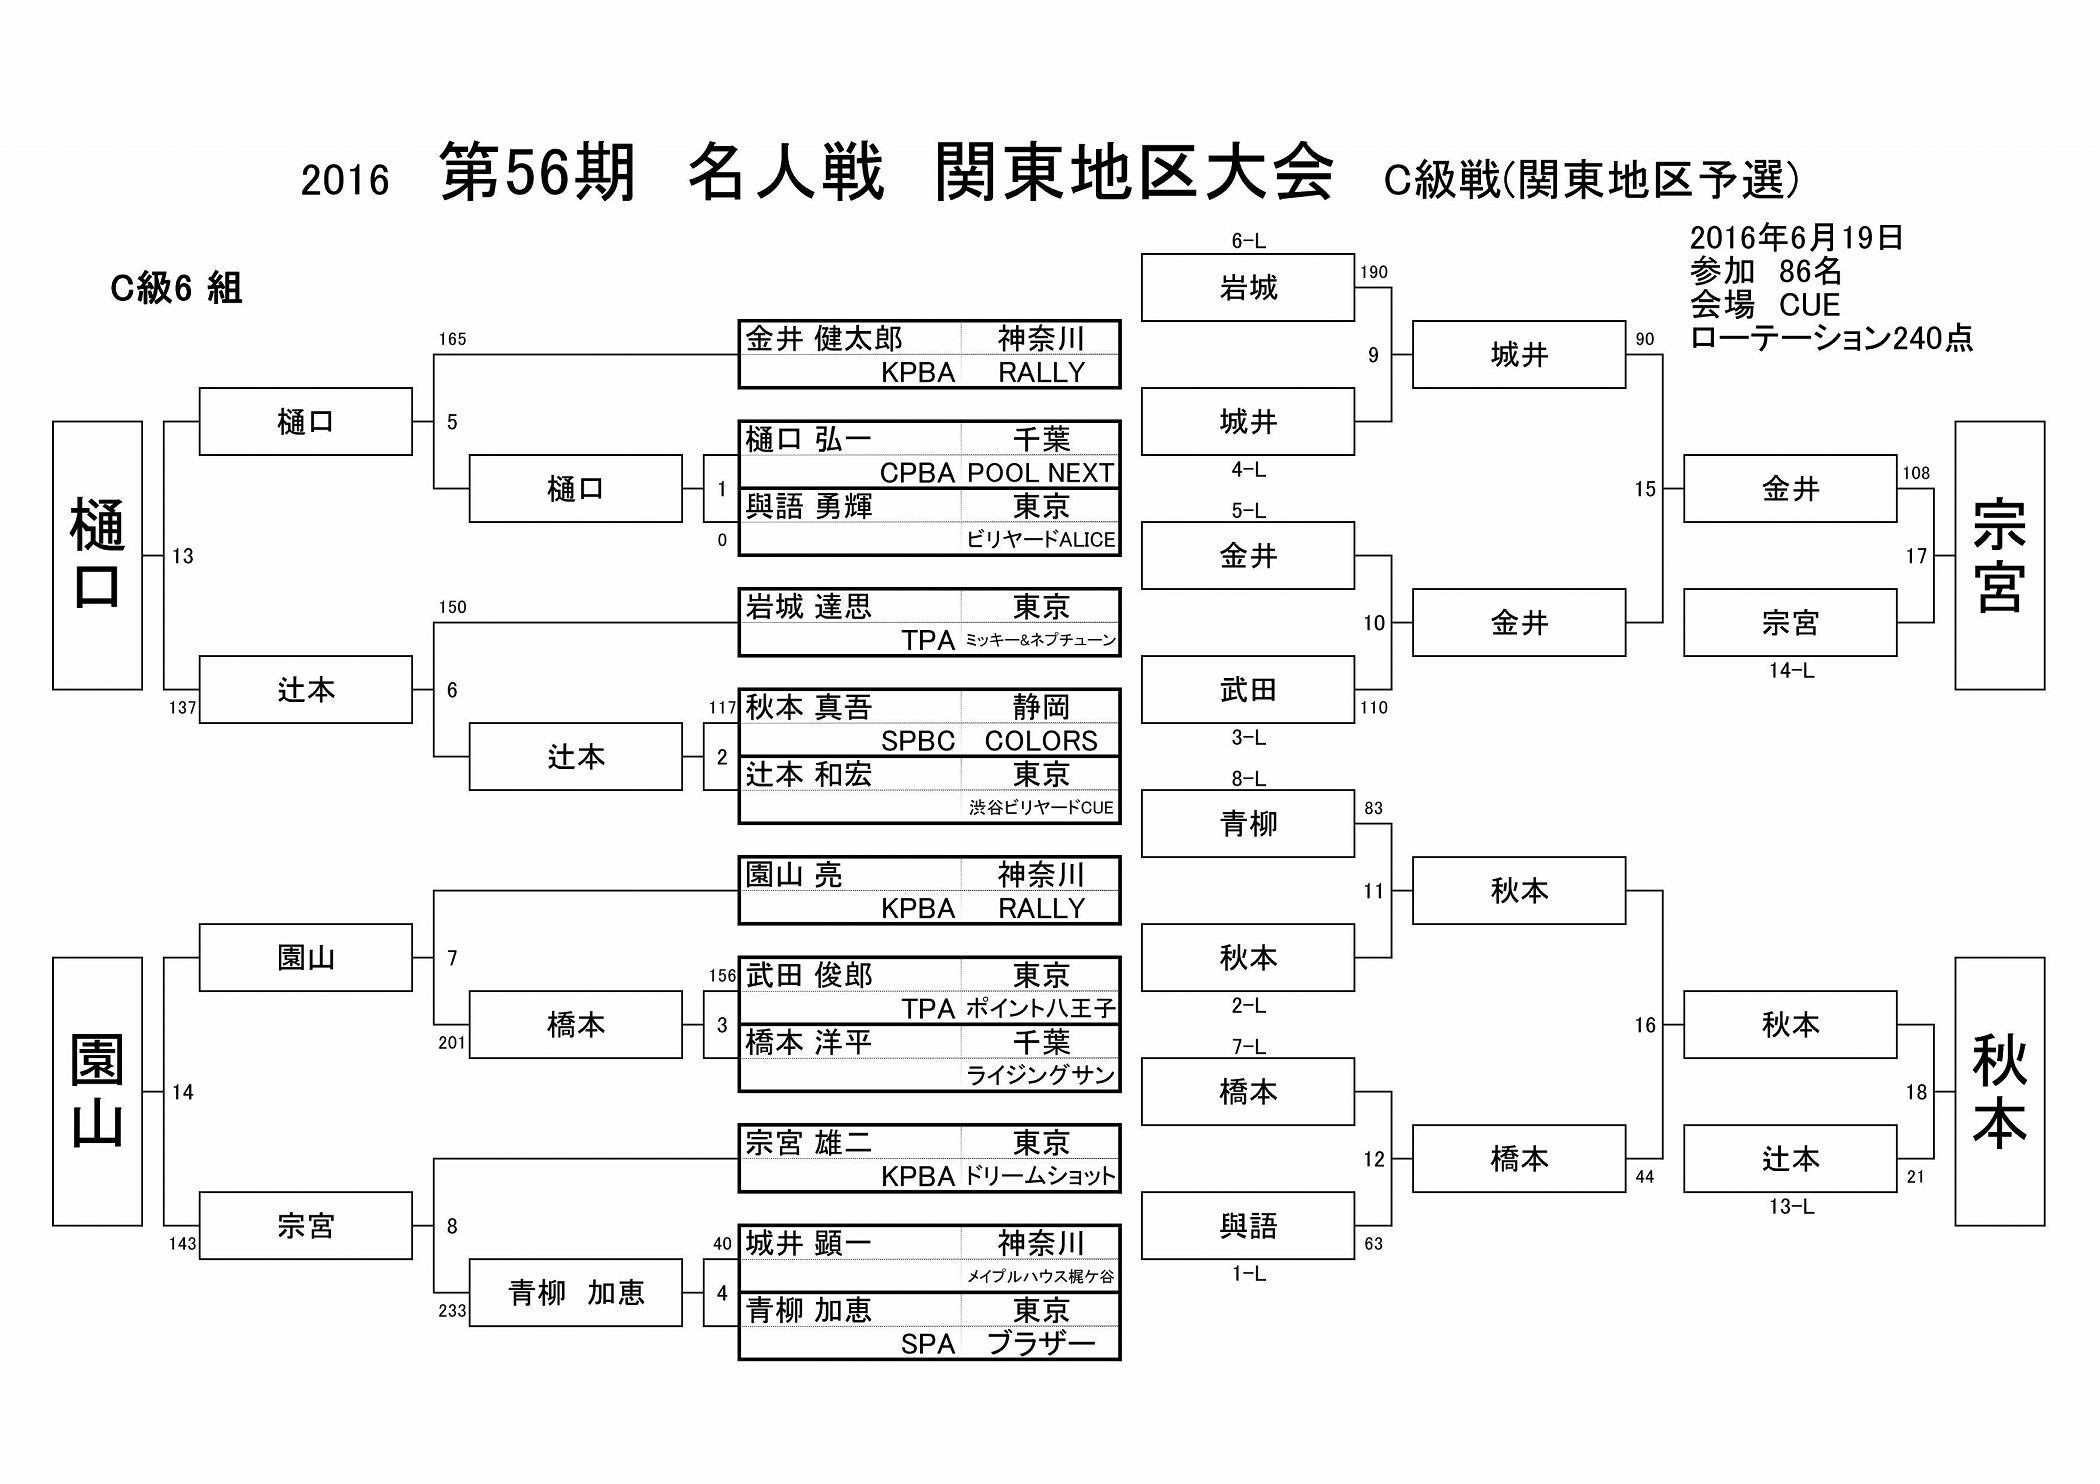 2016名人戦C級戦結果(関東地区)_06